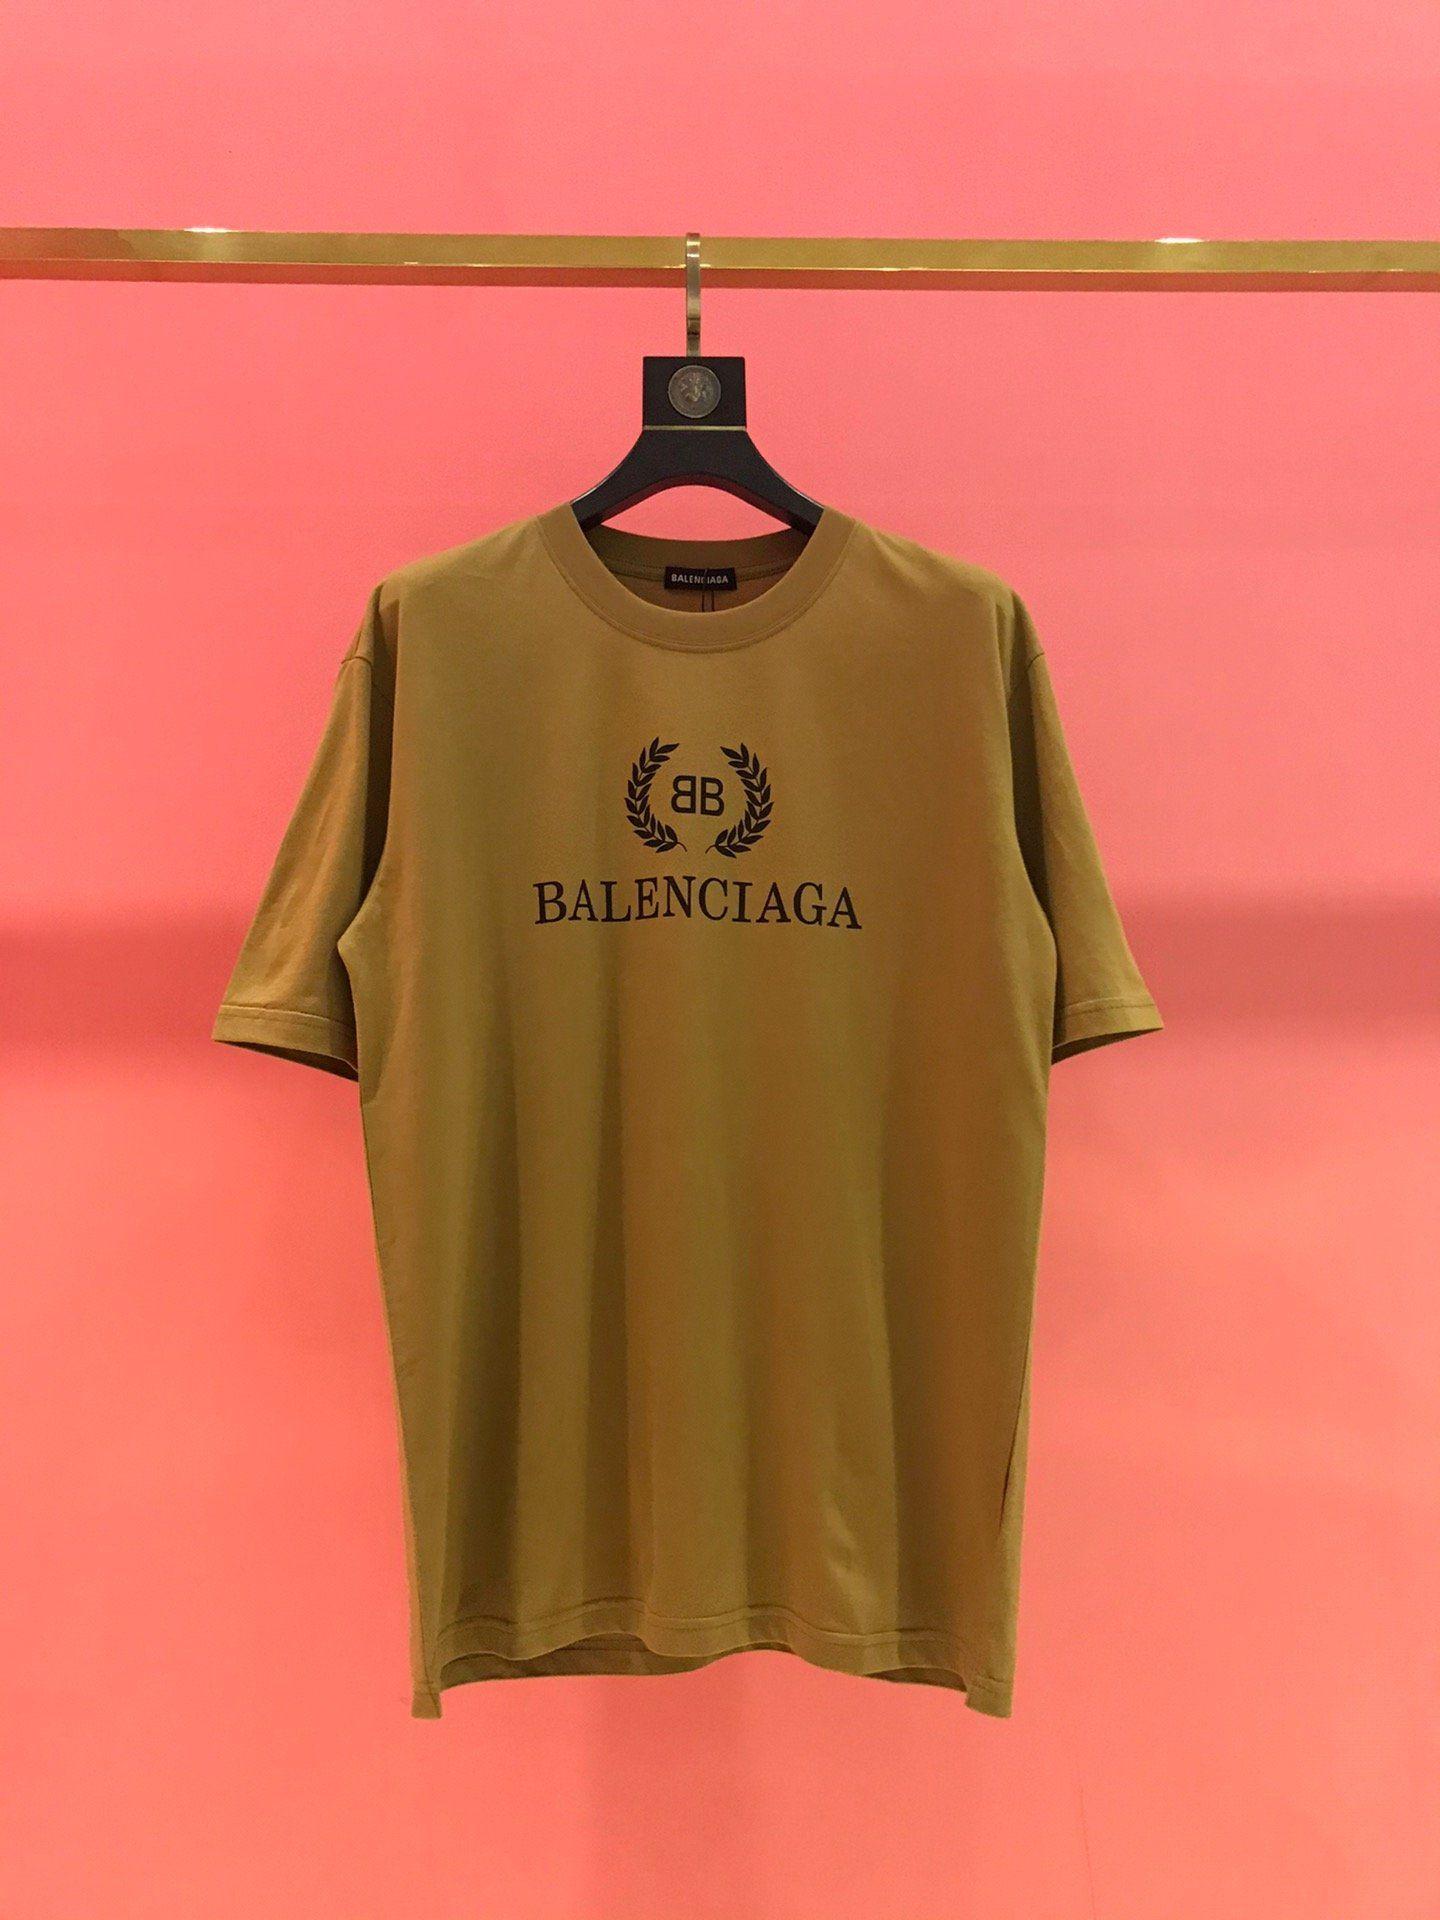 Tişört moda kadın ve erkek üst pamuk spor ince kahverengi tişört baskı 2020 Fransız bahar ve yaz yüksek kaliteli buğday kulak mektup